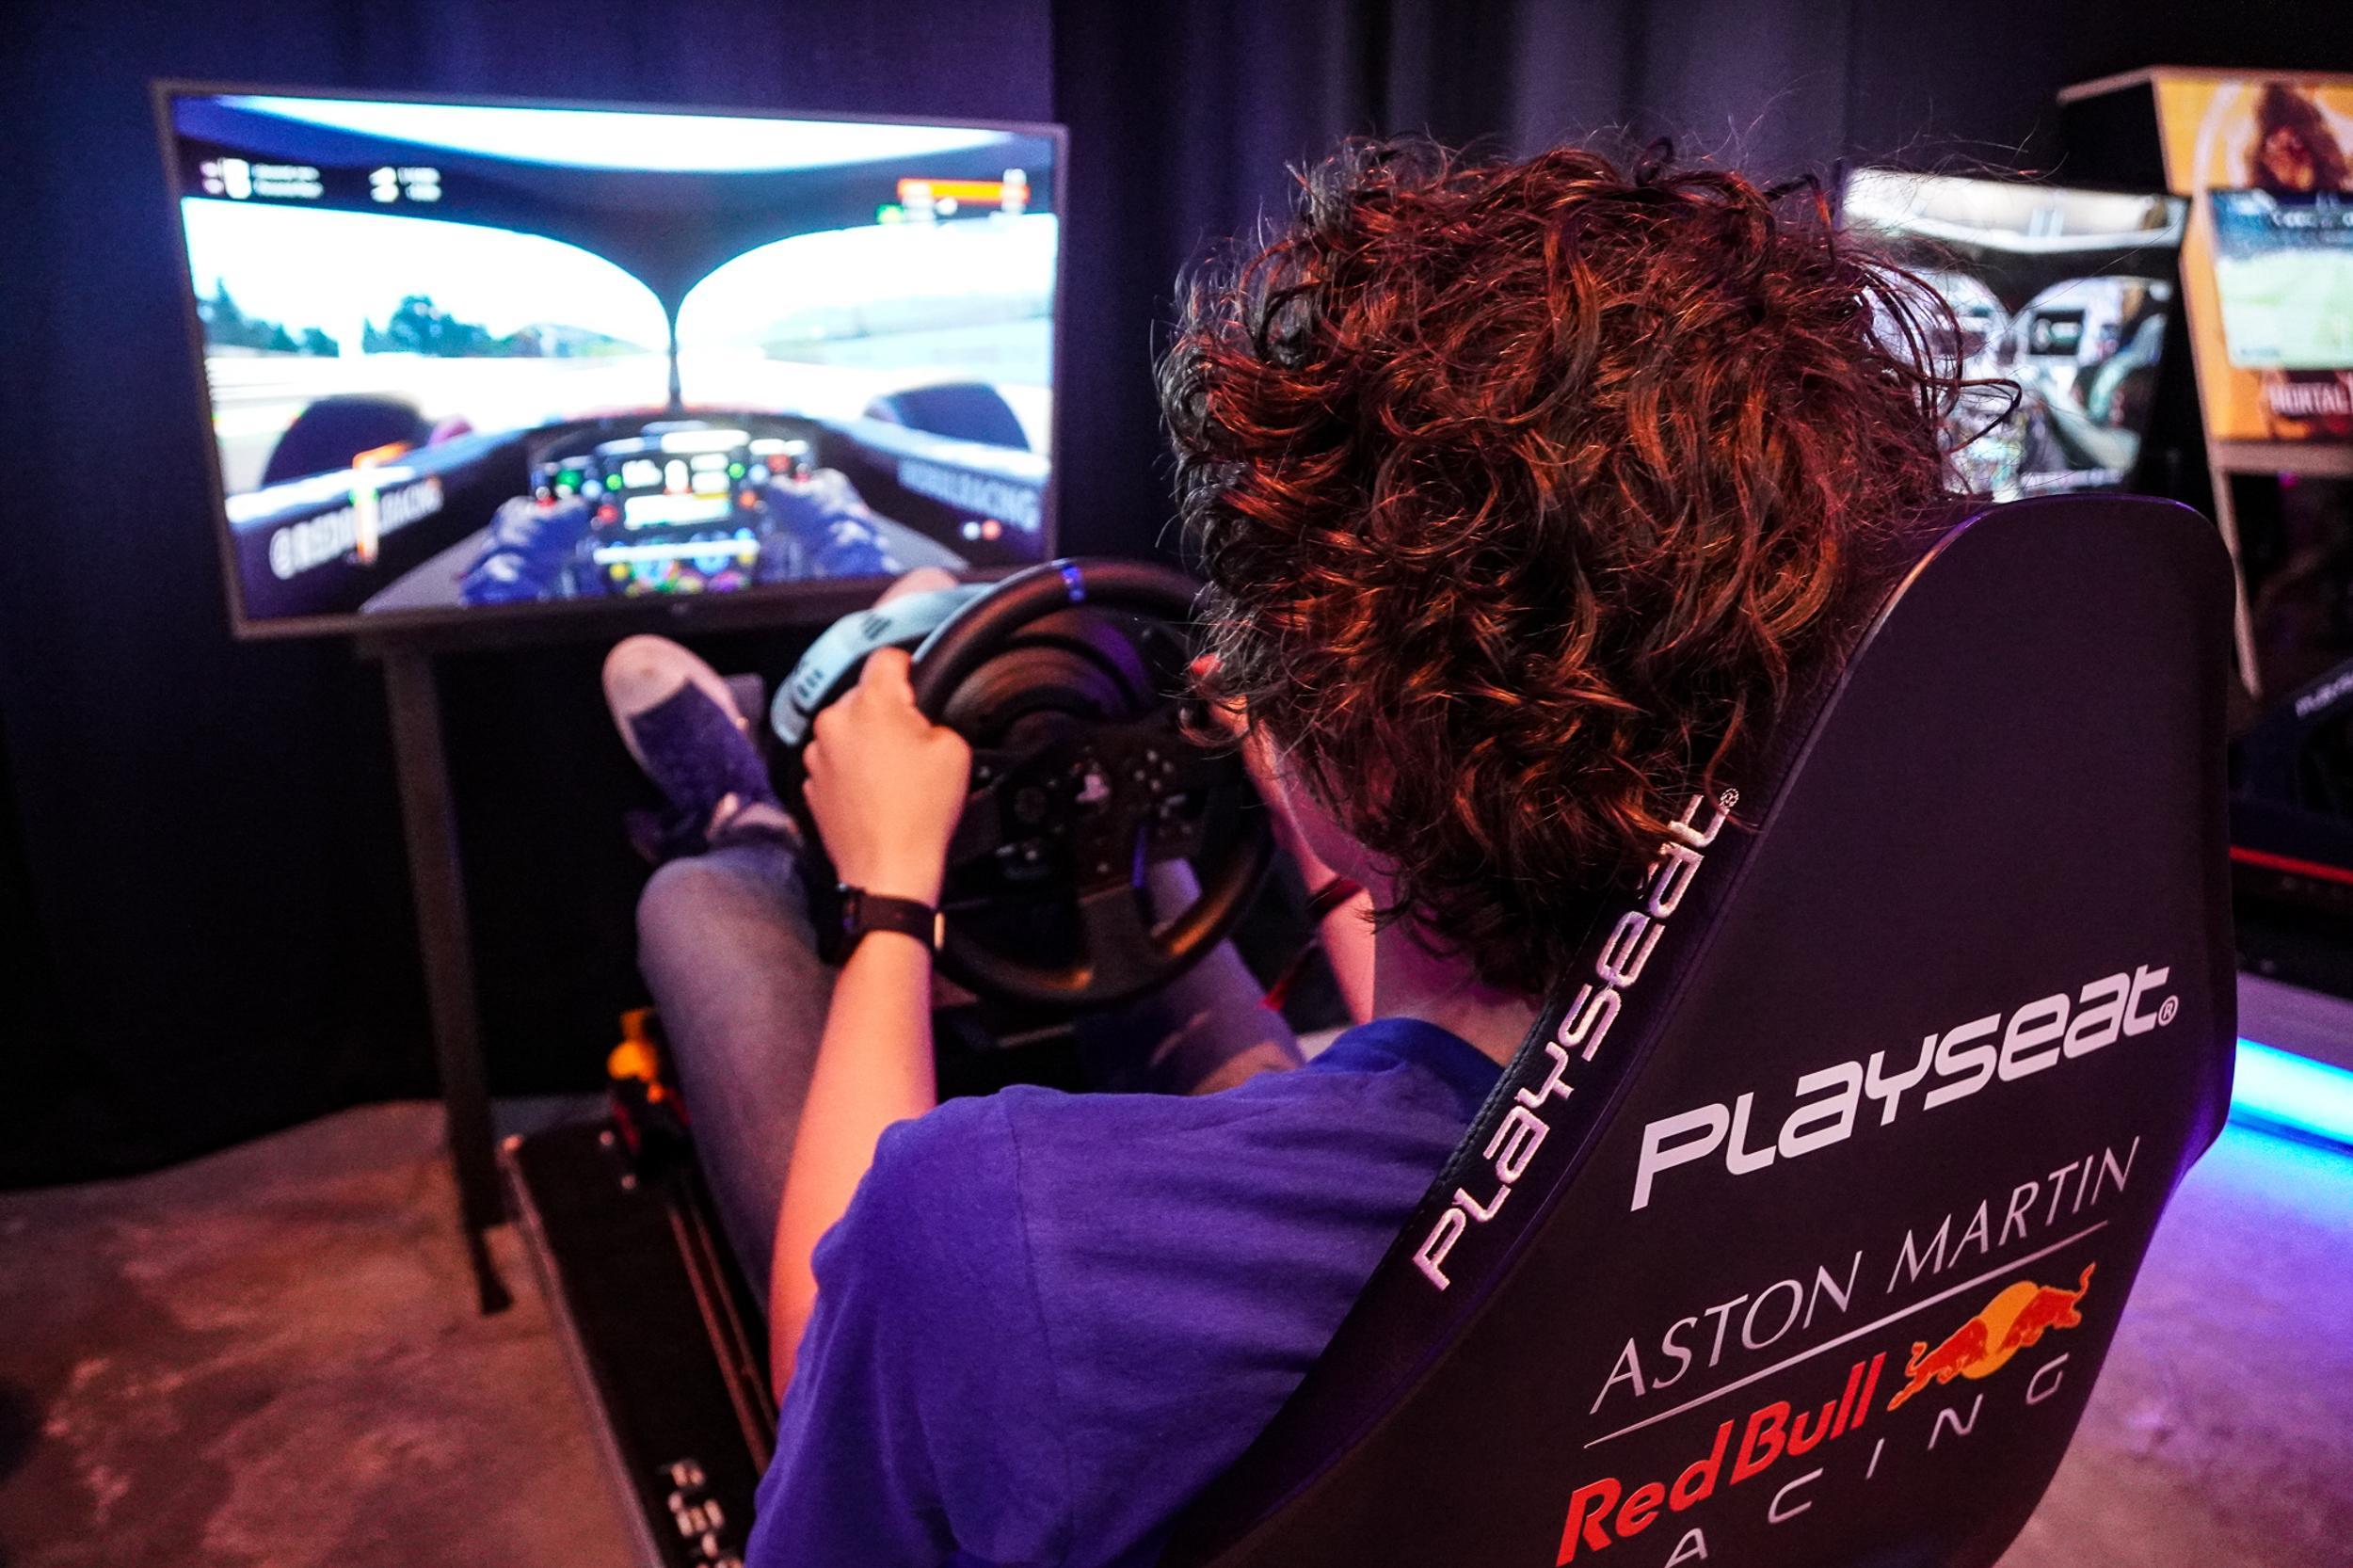 Tijd om jeugd ook in Tuitjenhorn van de straat te houden met GameDay. Vanaf donderdag kunnen ze Fifa, Fortnite en Call of Duty doen in brede school De Hoge Akker